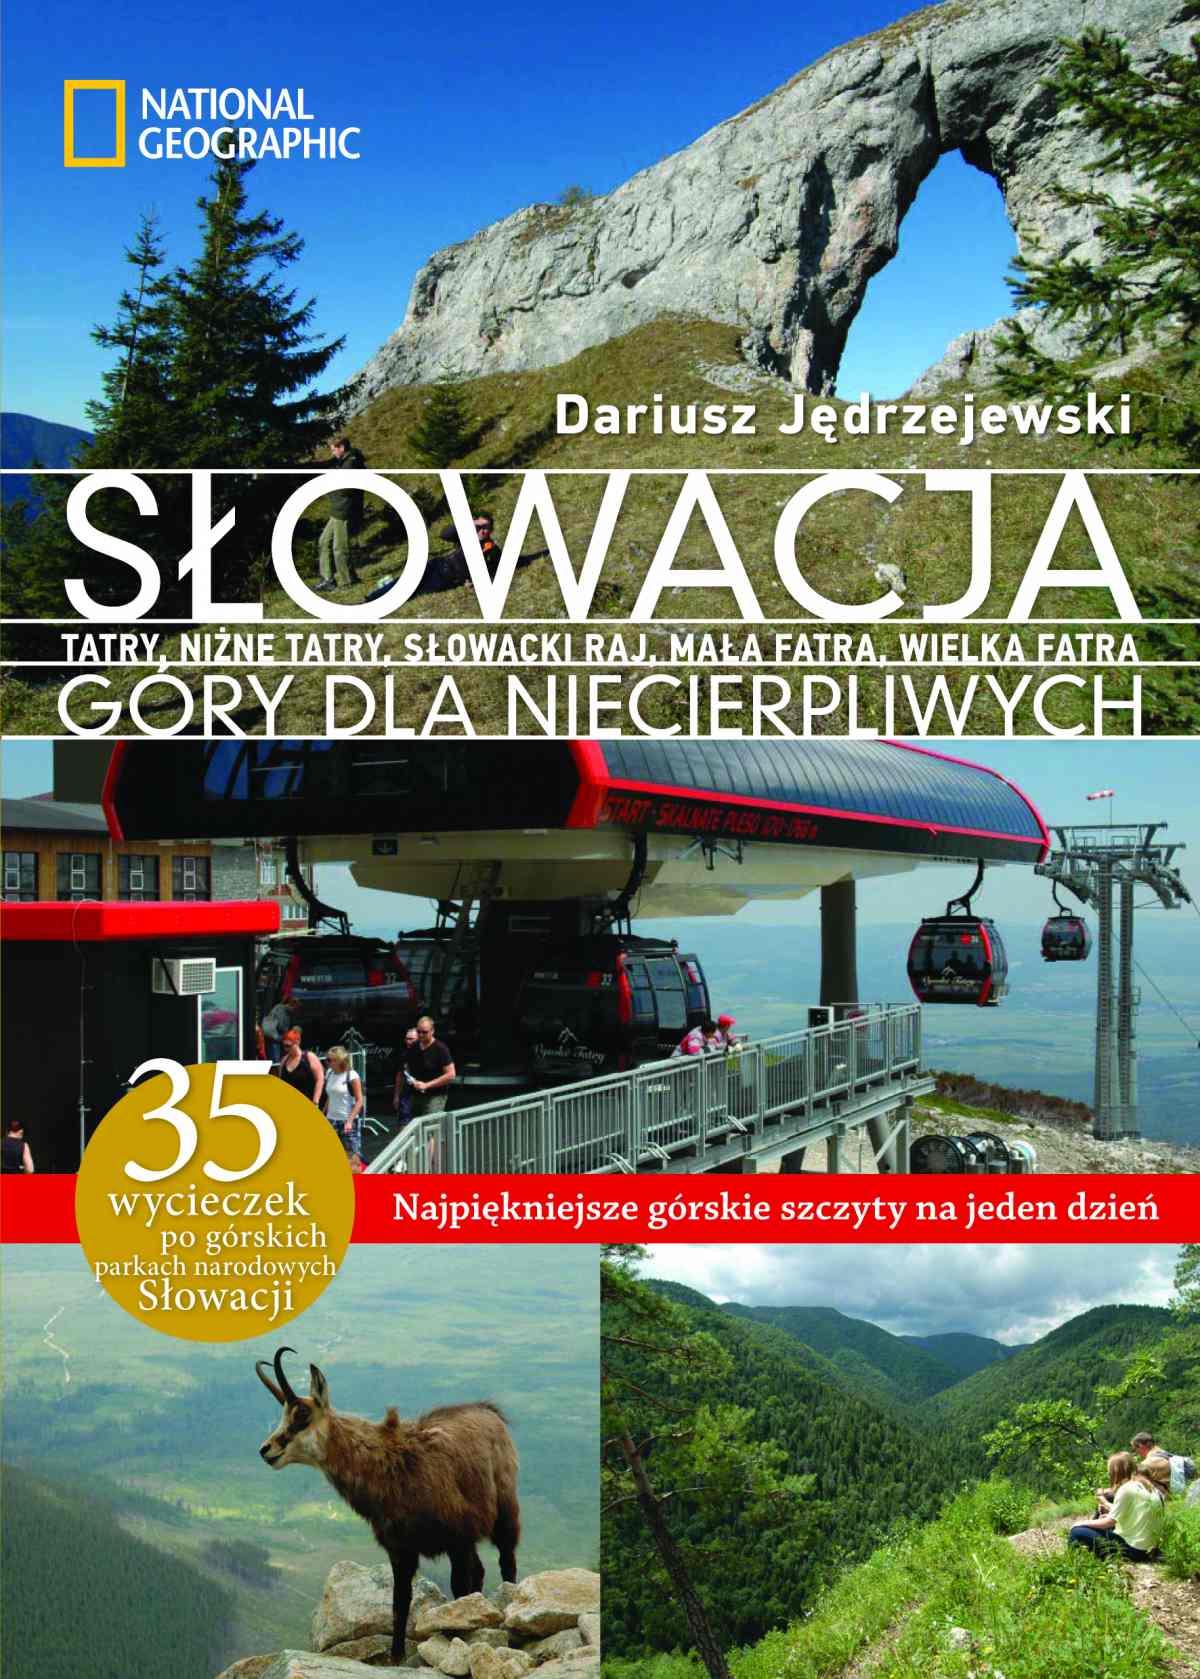 Słowacja. Góry dla niecierpliwych - Ebook (Książka EPUB) do pobrania w formacie EPUB